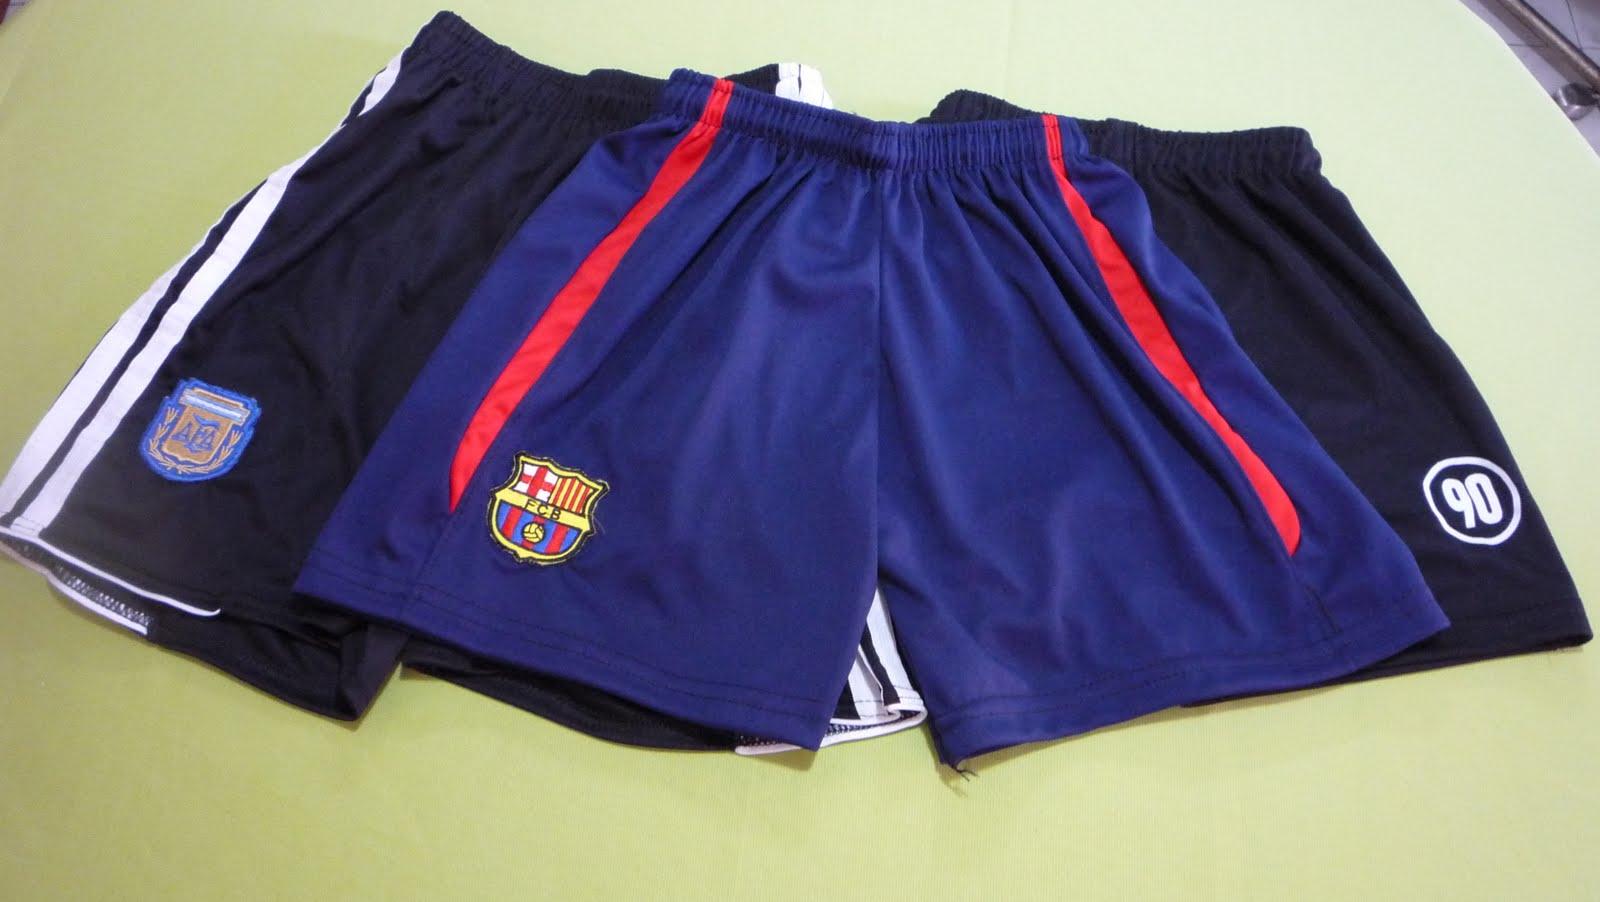 81e292ee50245 Shorts de Futbol. Adultos y Niño. Talles del 16 al 50. Equipos de futbol y  lisos.